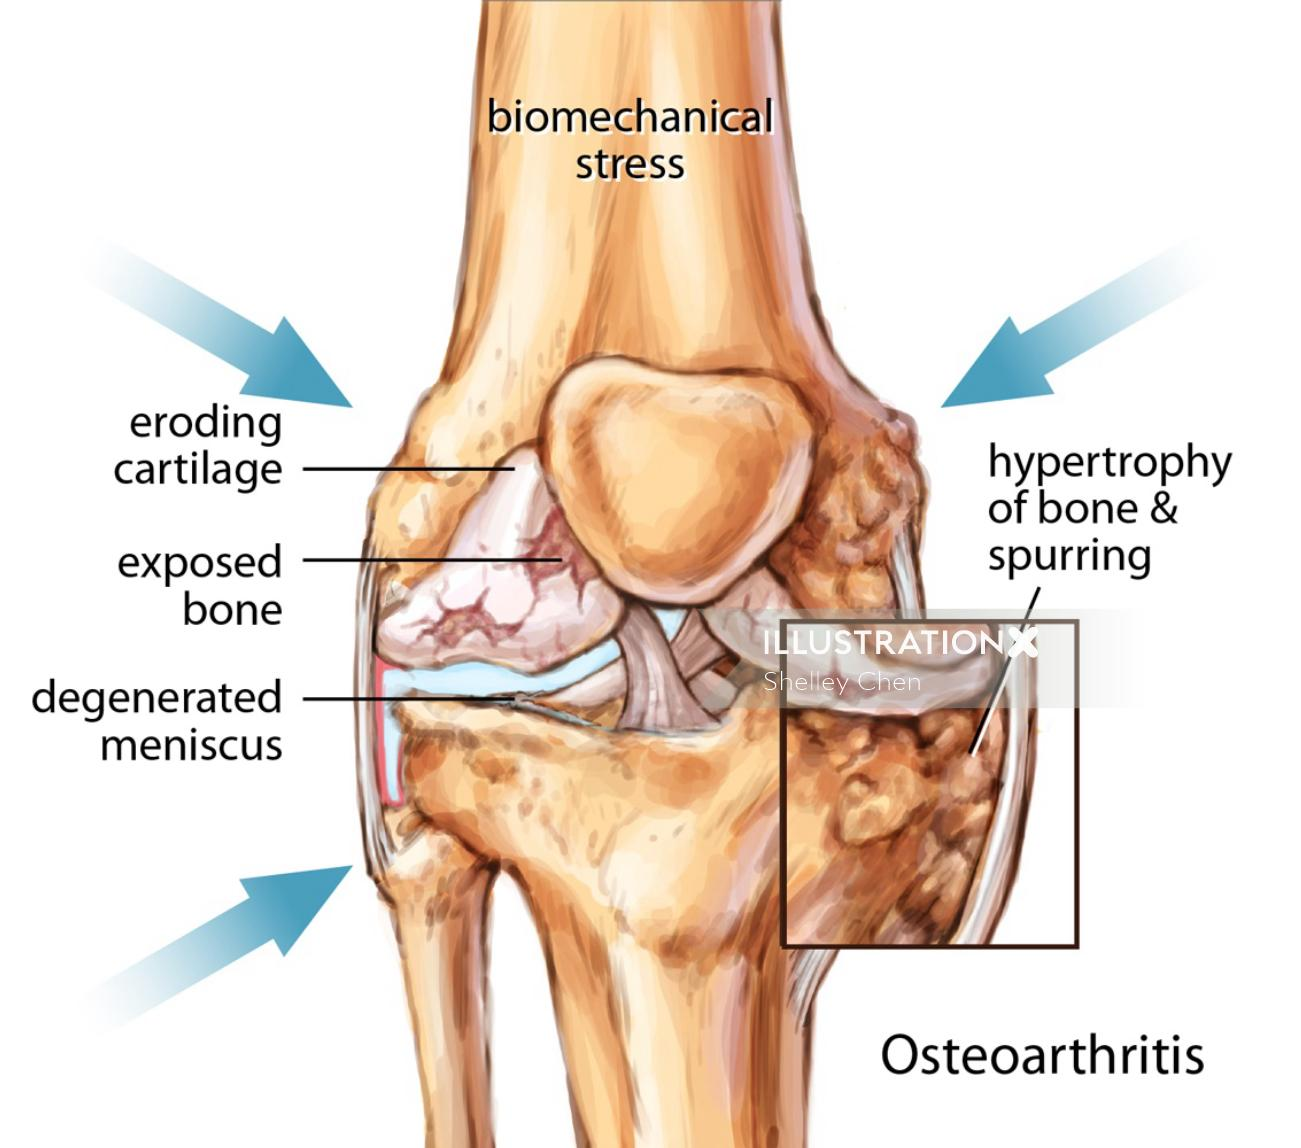 Osteoarthritis Knee Joint illustration by Shelley Li Wen Chen